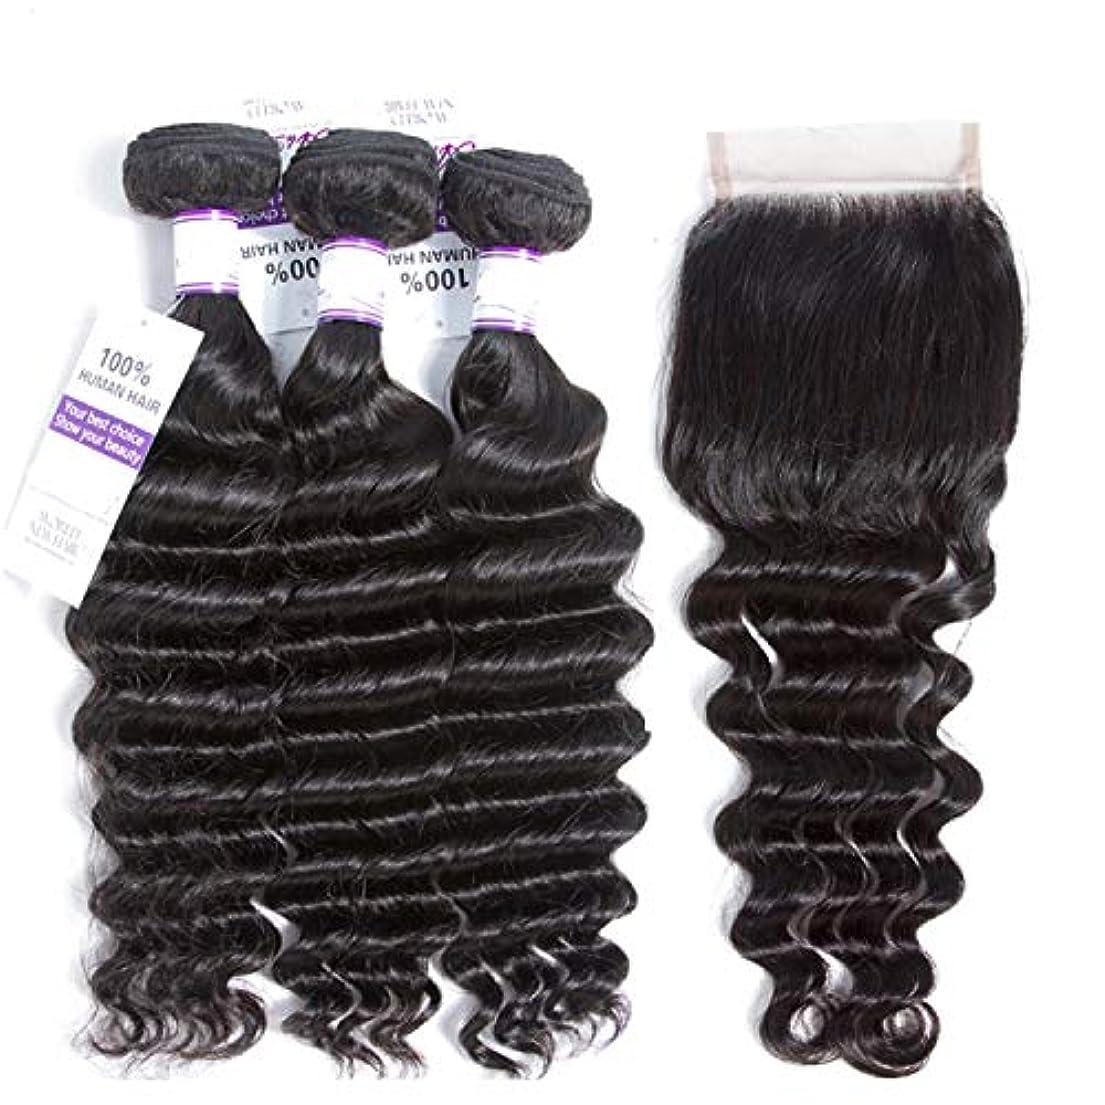 緩い深い波3バンドルで4 * 4閉鎖ブラジル髪織りバンドル非レミー100%人毛エクステンション (Length : 22 24 26 Cl18, Part Design : FREE PART)